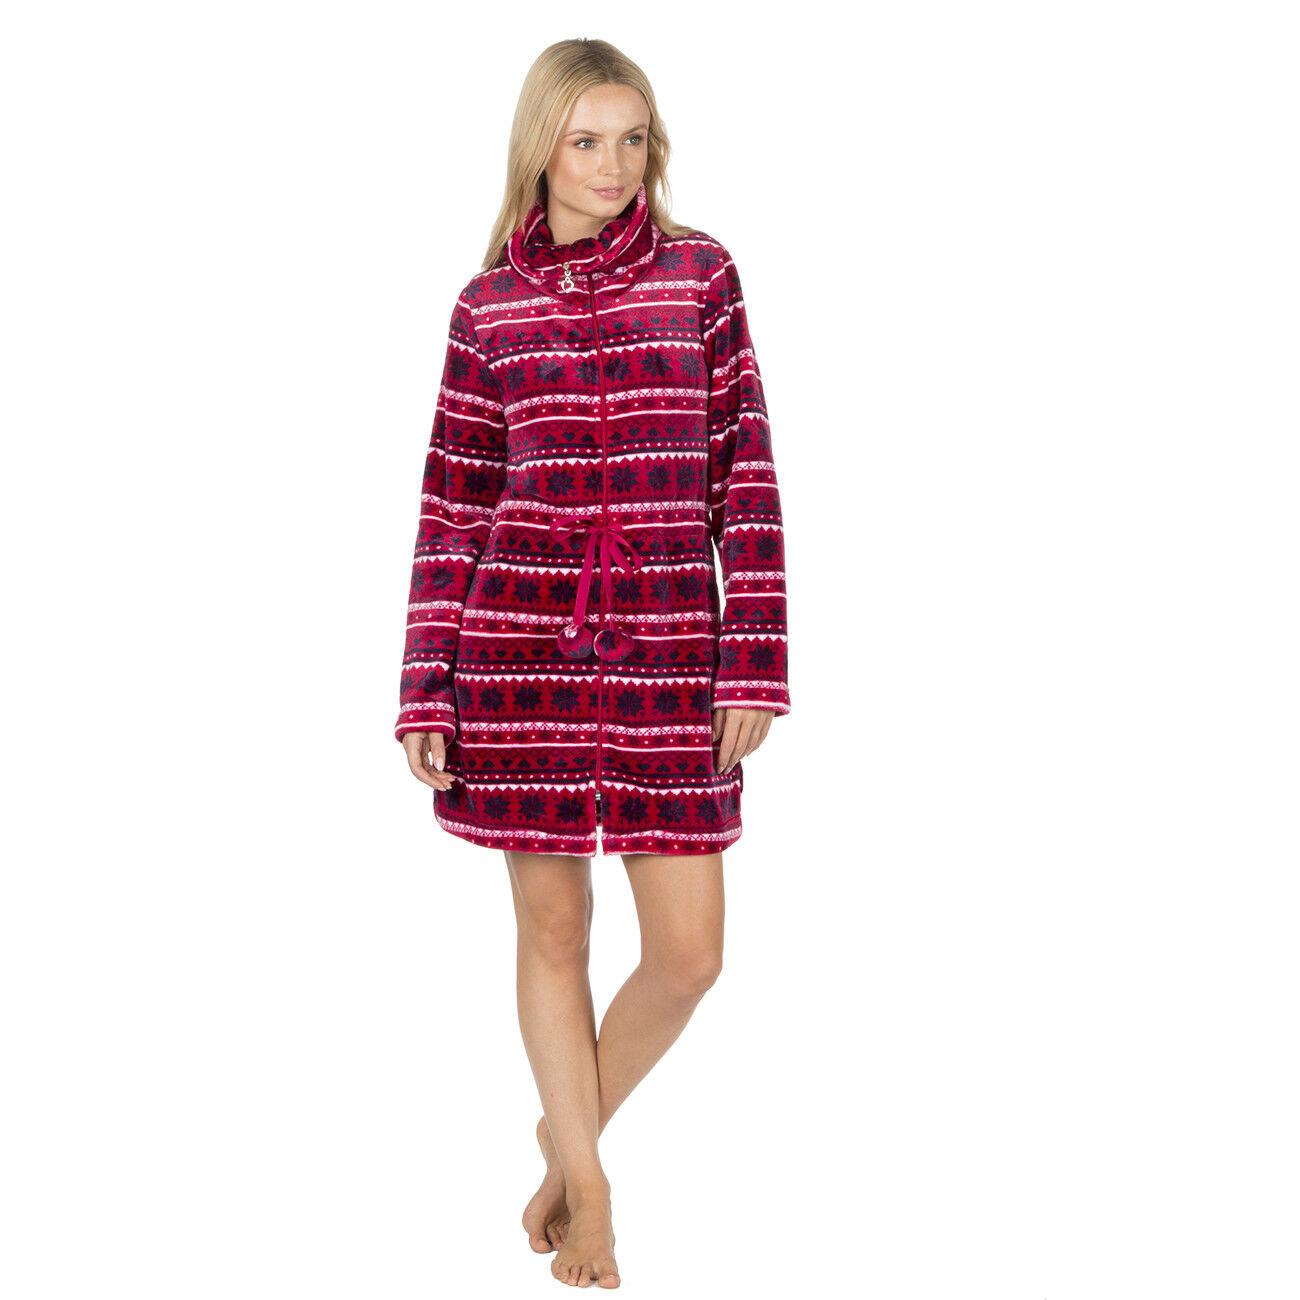 Zip Veste Polaire Hiver Front Femmes Pyjama Lit Jacquard 1TndUWaWq0